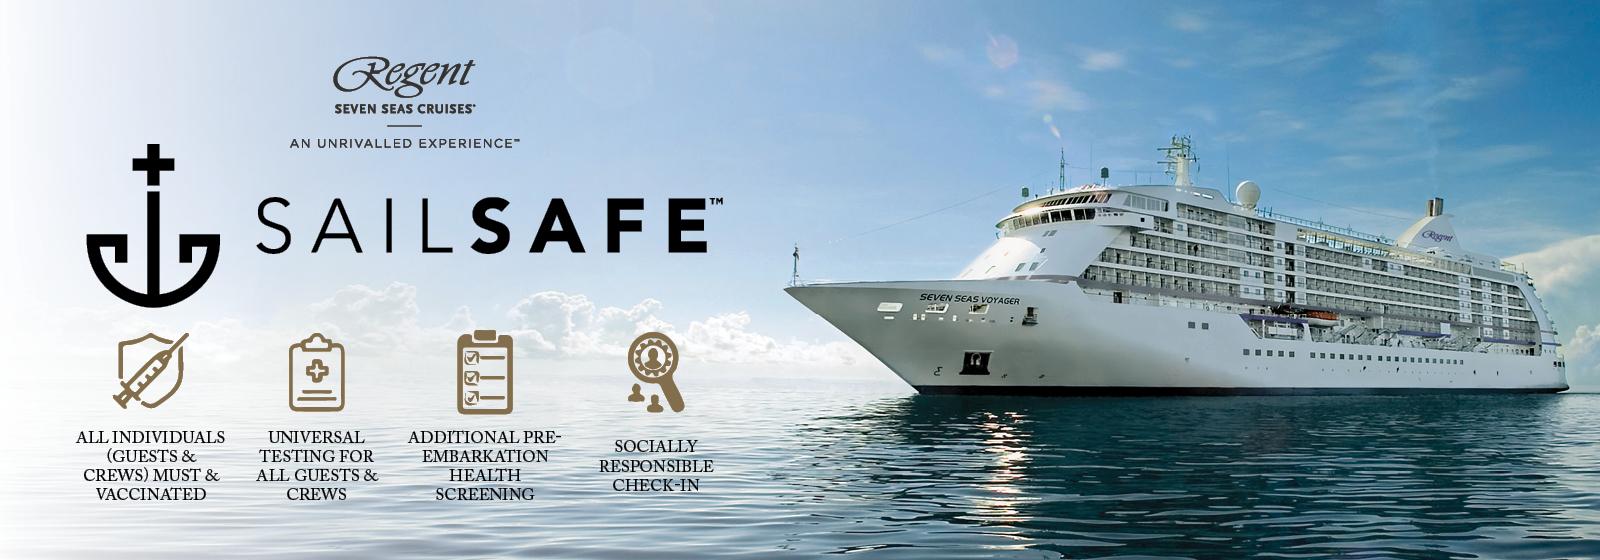 regent-sailsafe